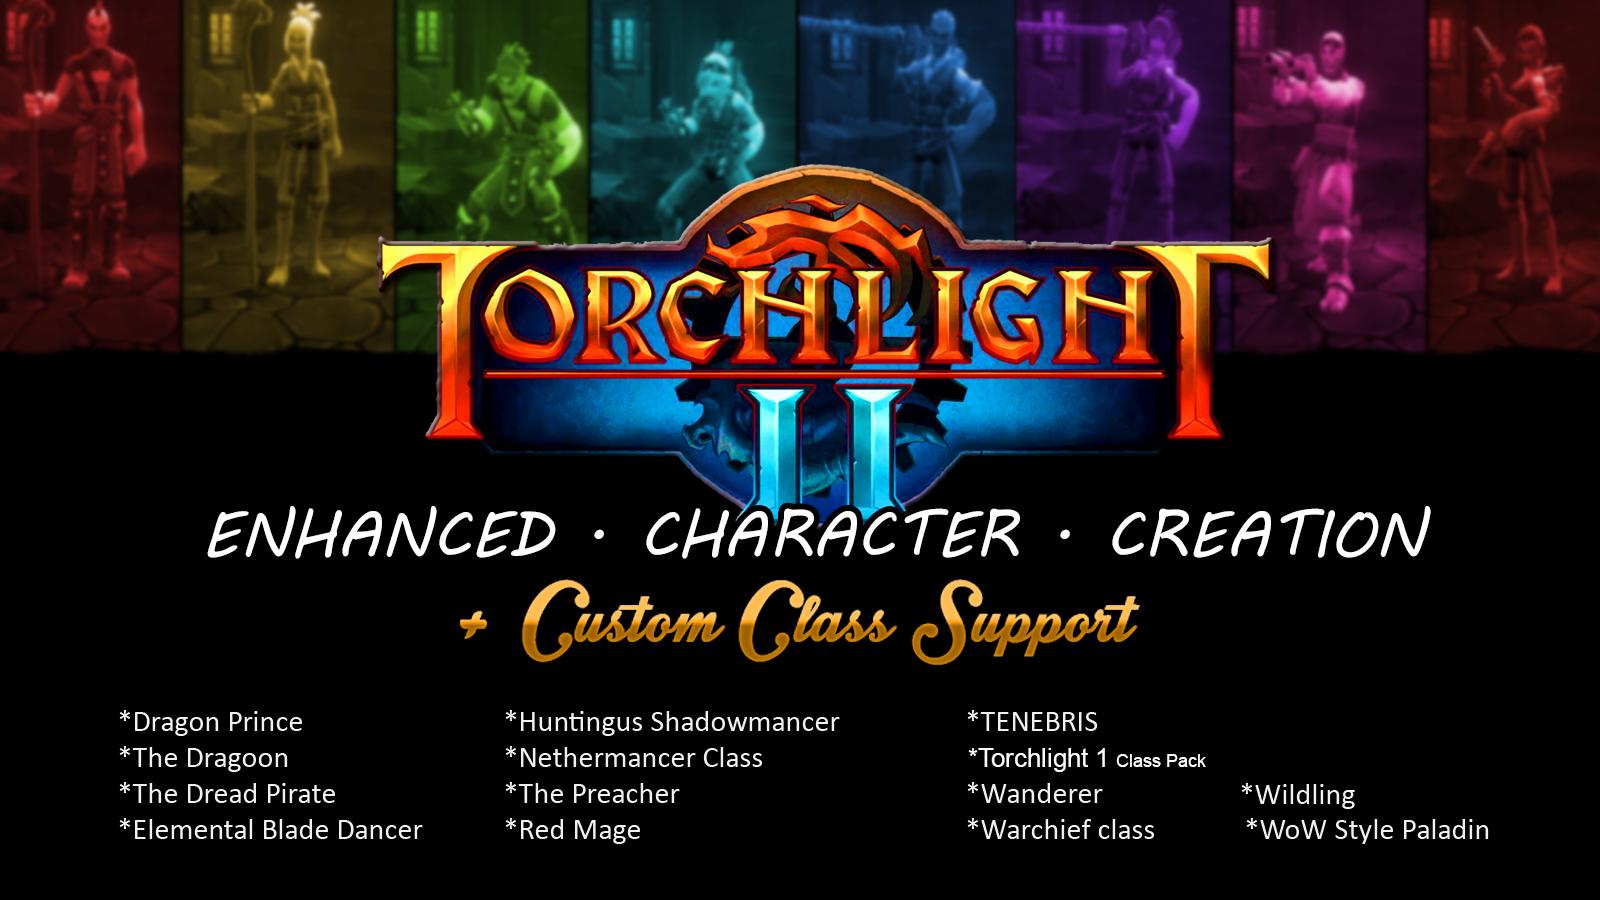 mod launcher torchlight 2 no steam